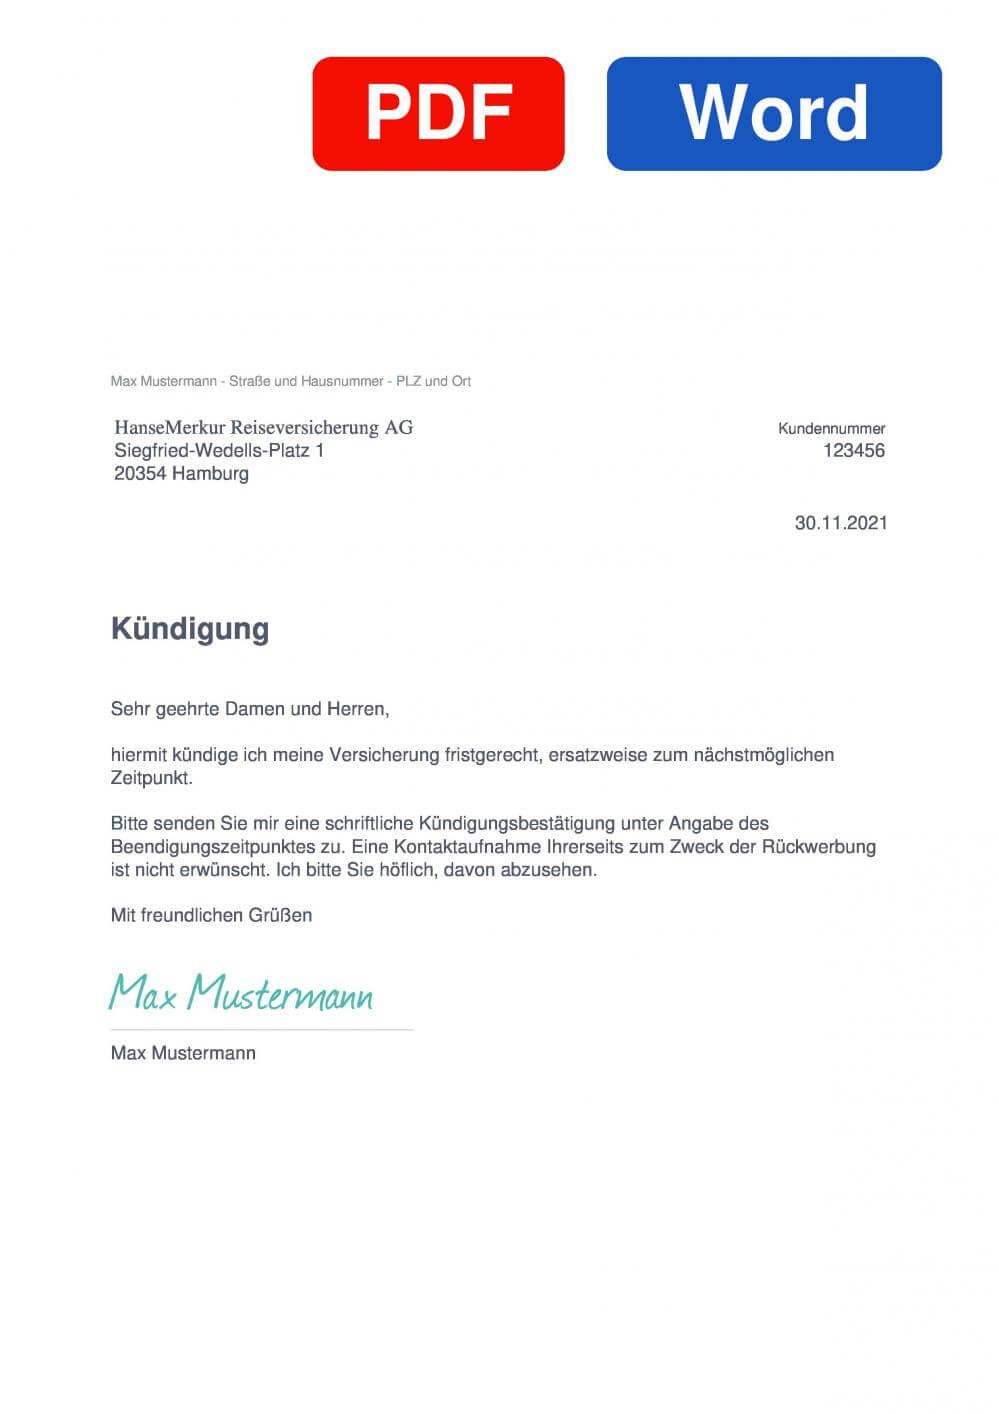 HanseMerkur Reiseversicherung Muster Vorlage für Kündigungsschreiben